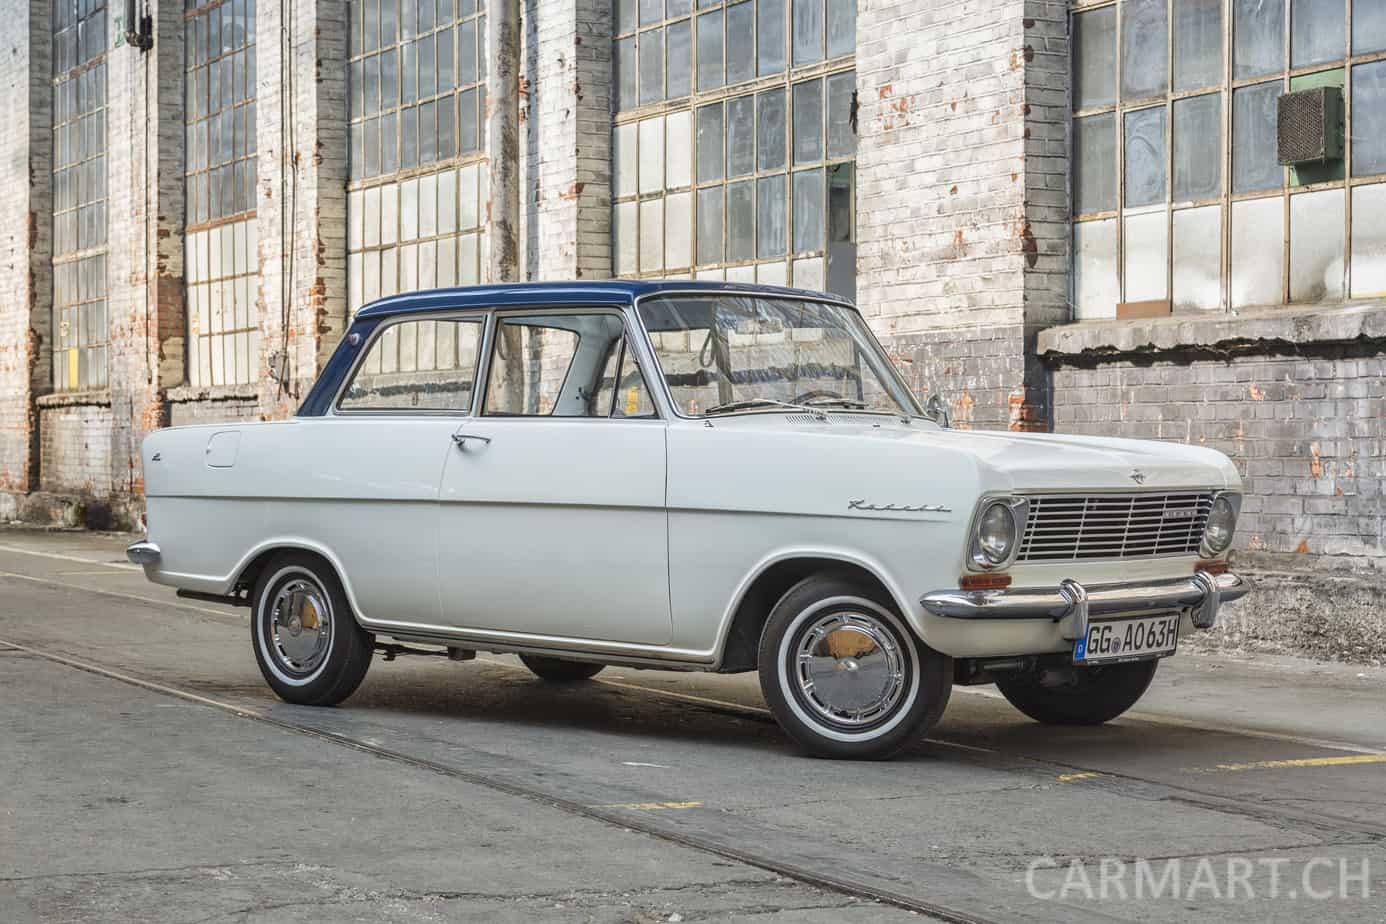 1963 Opel Kadett L